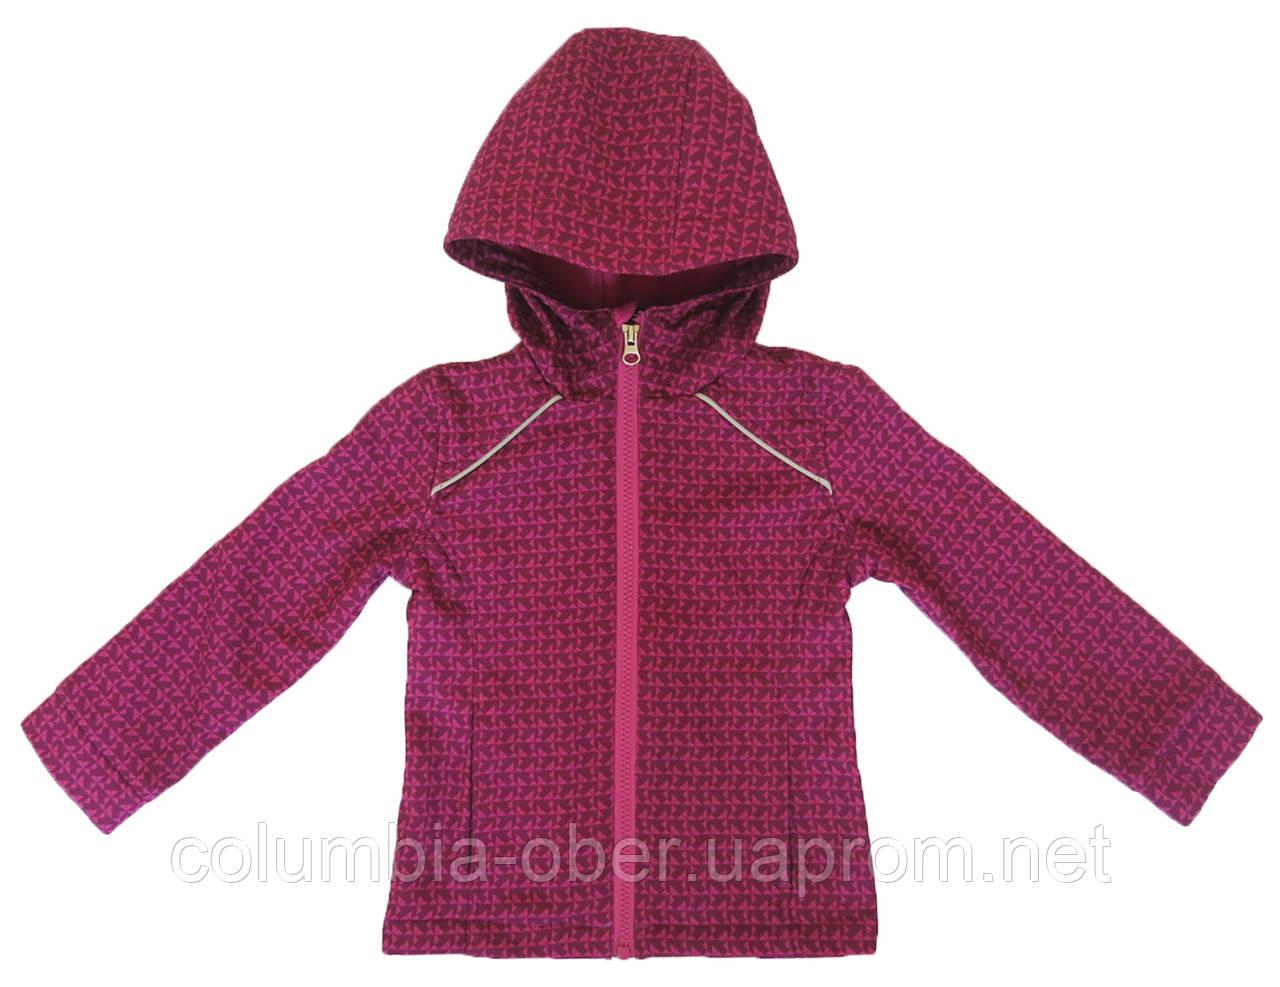 Демисезонная куртка - ветровка  для девочки NANO F17M1400 Mauve Rose. Размер 4-16лет.